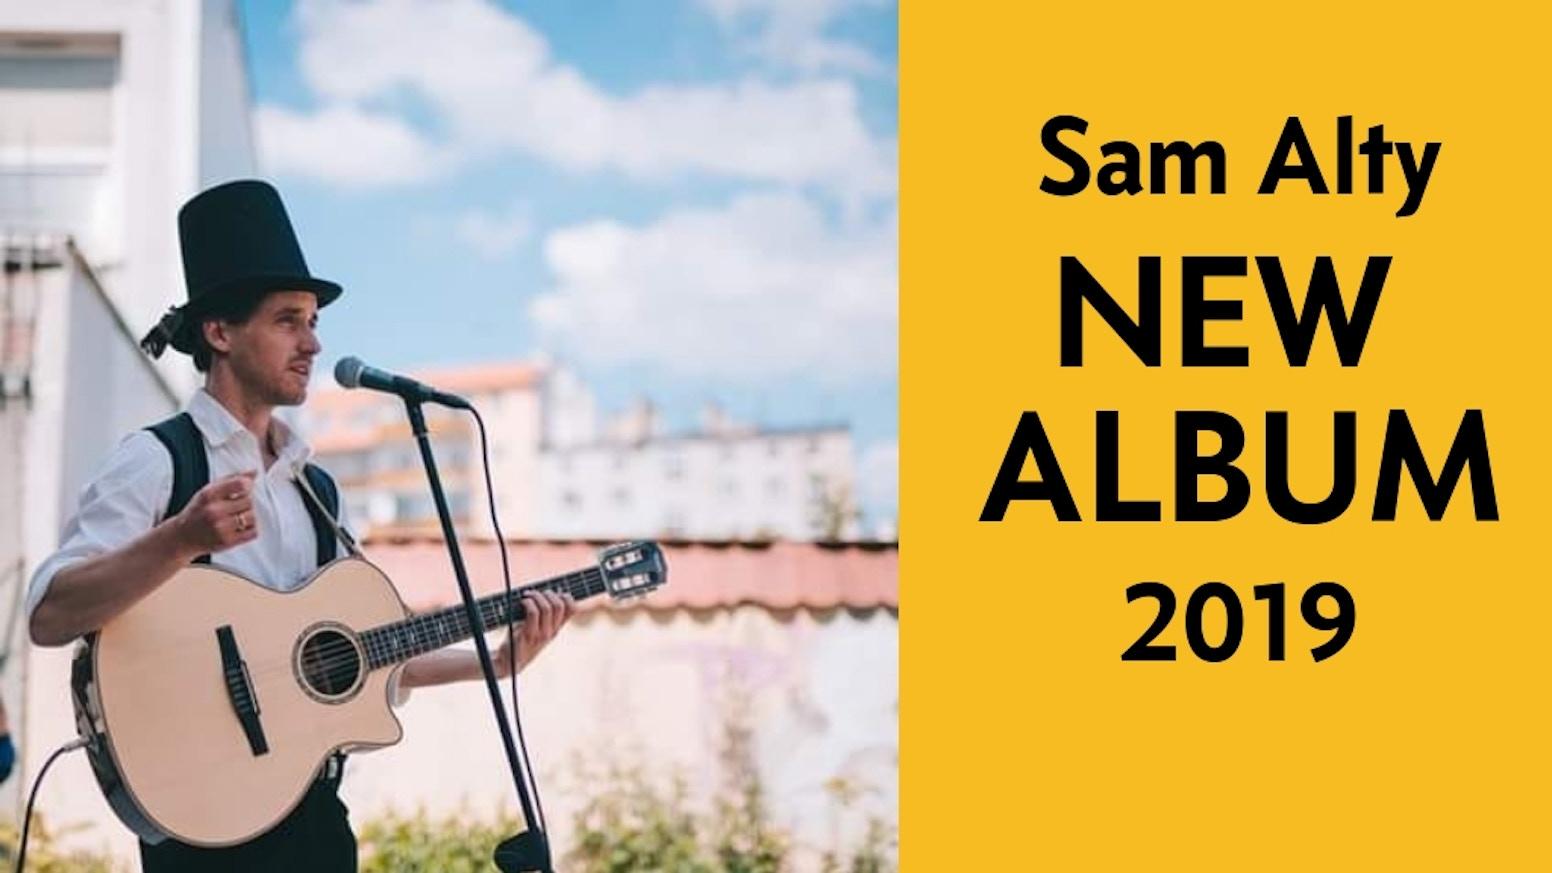 Sam Alty new album